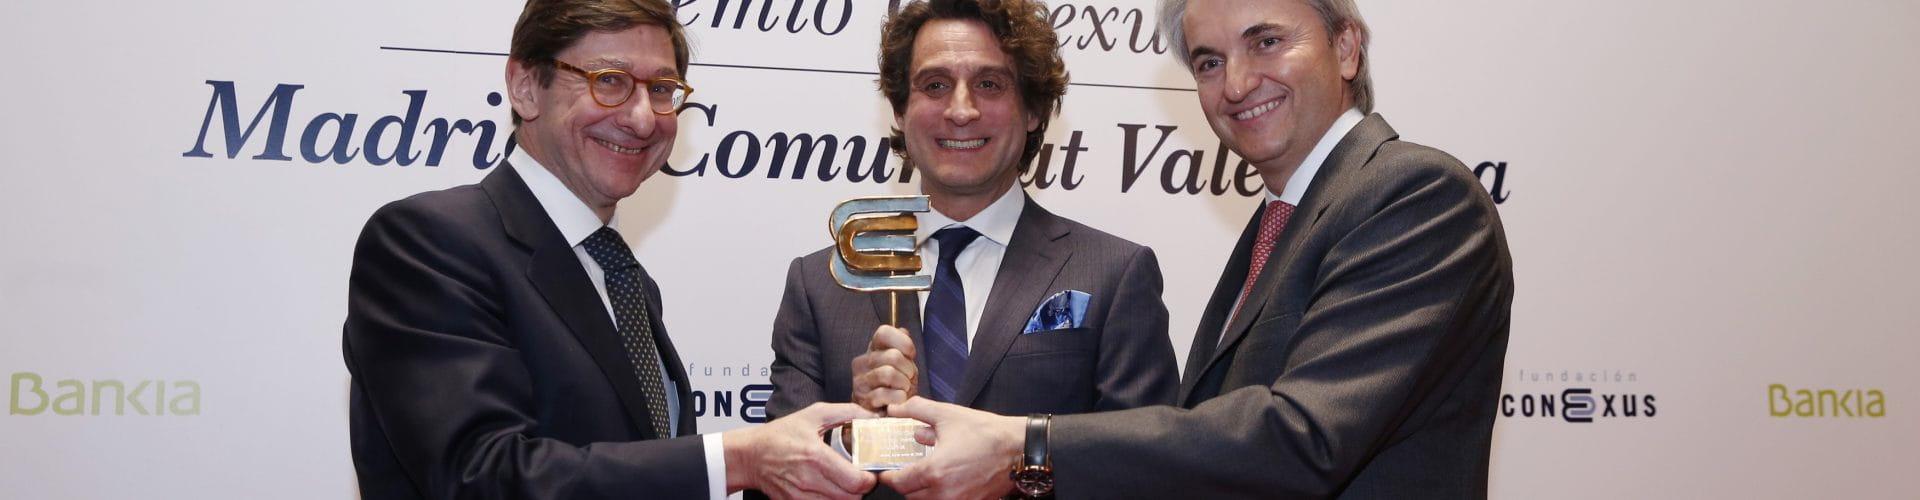 De izquierda a derecha: José Ignacio Goirigolzarri, presidente de Bankia; Dr. José Remohí, presidente de IVI y Manuel Broseta, presidente de Conexus.